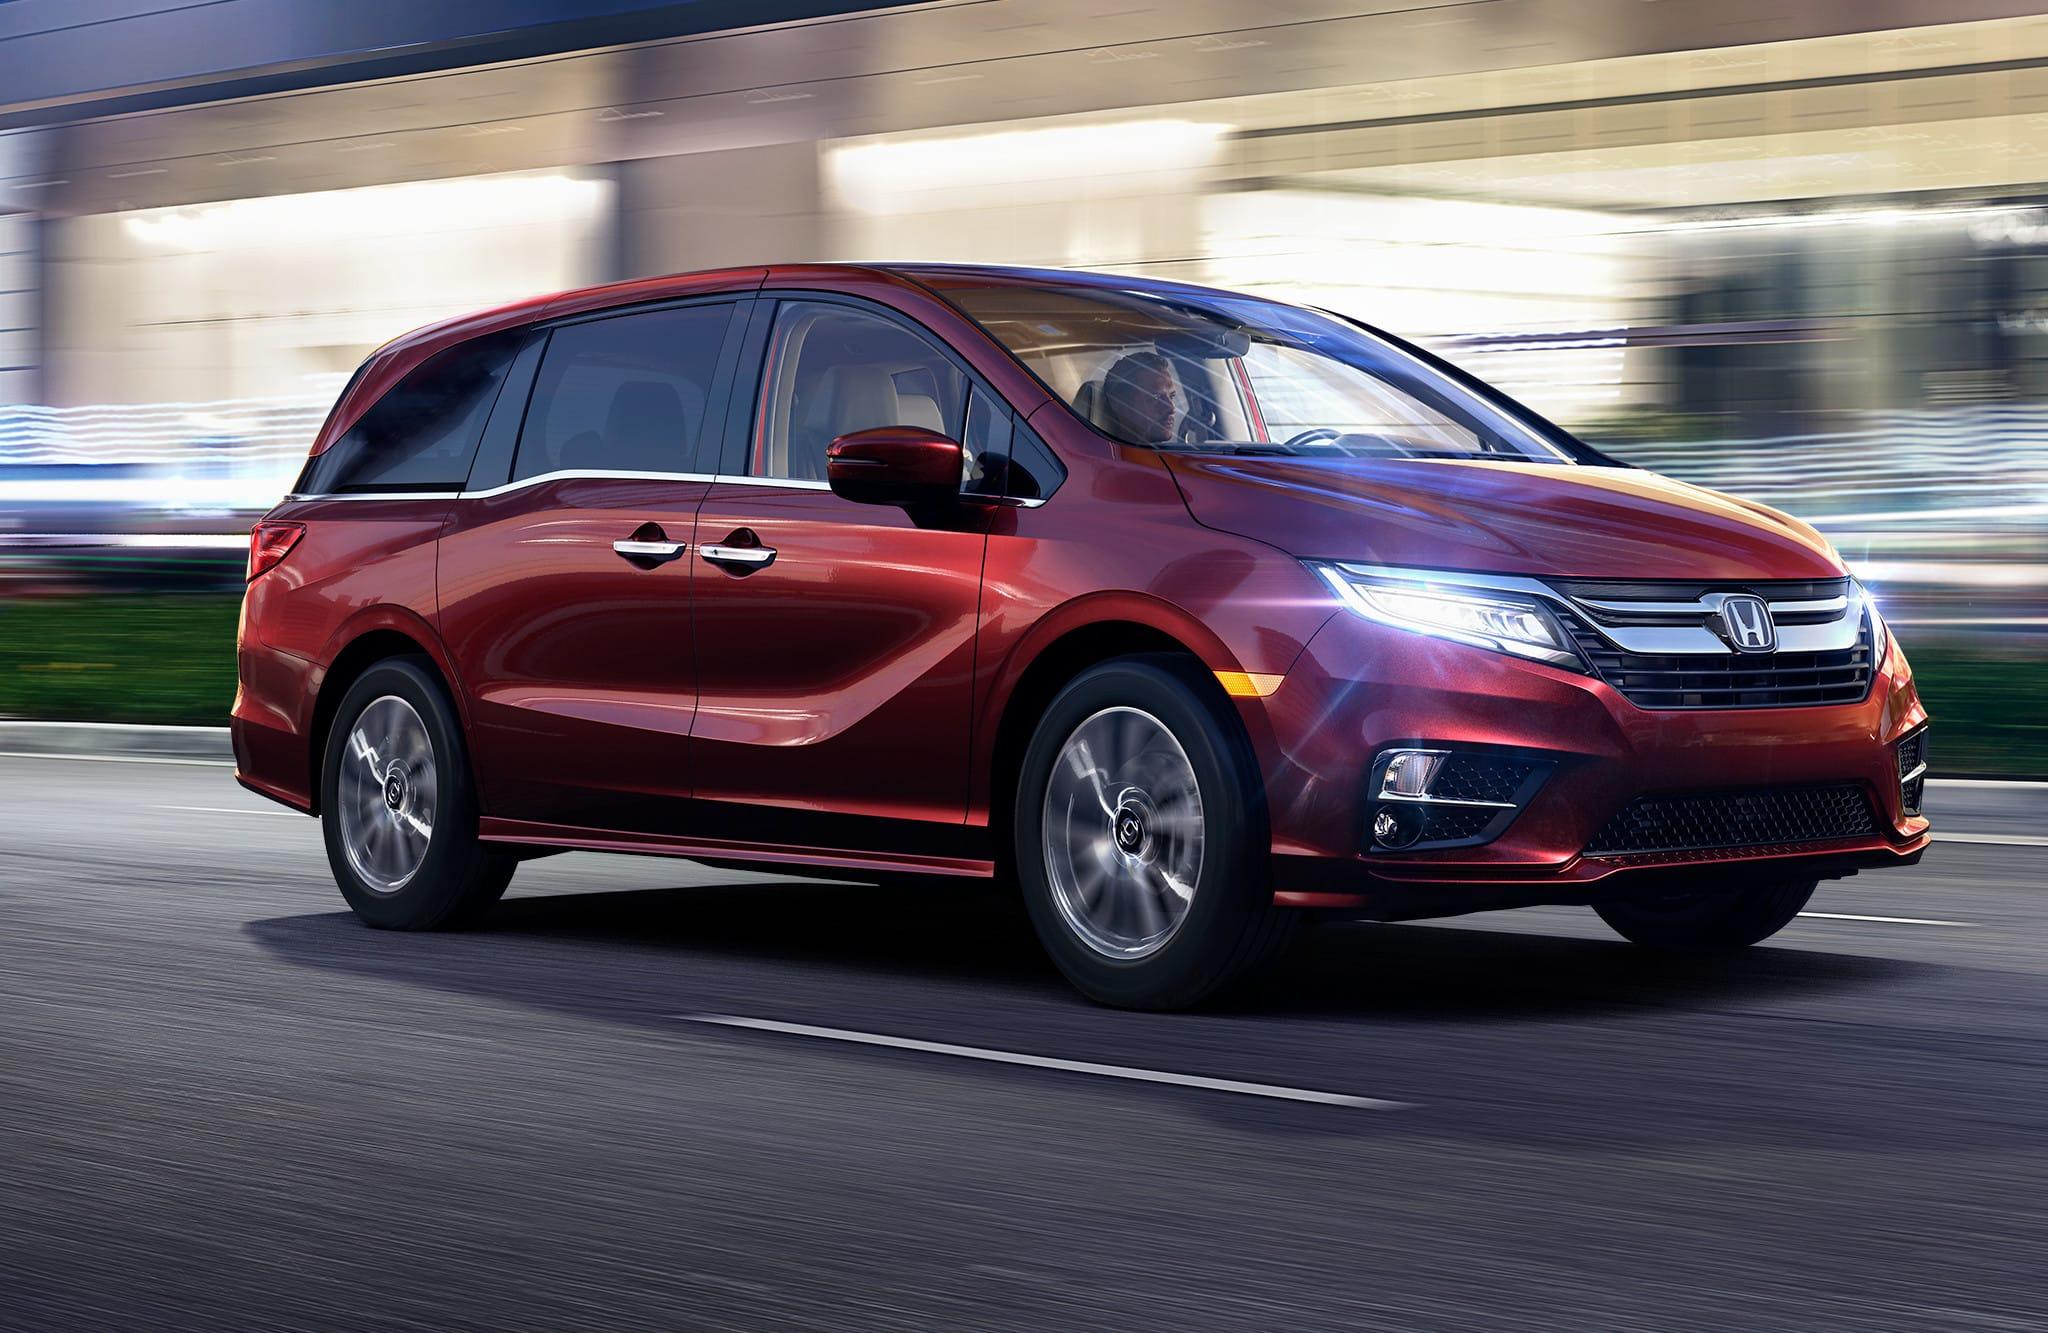 2018 Honda Models | Best new cars for 2018